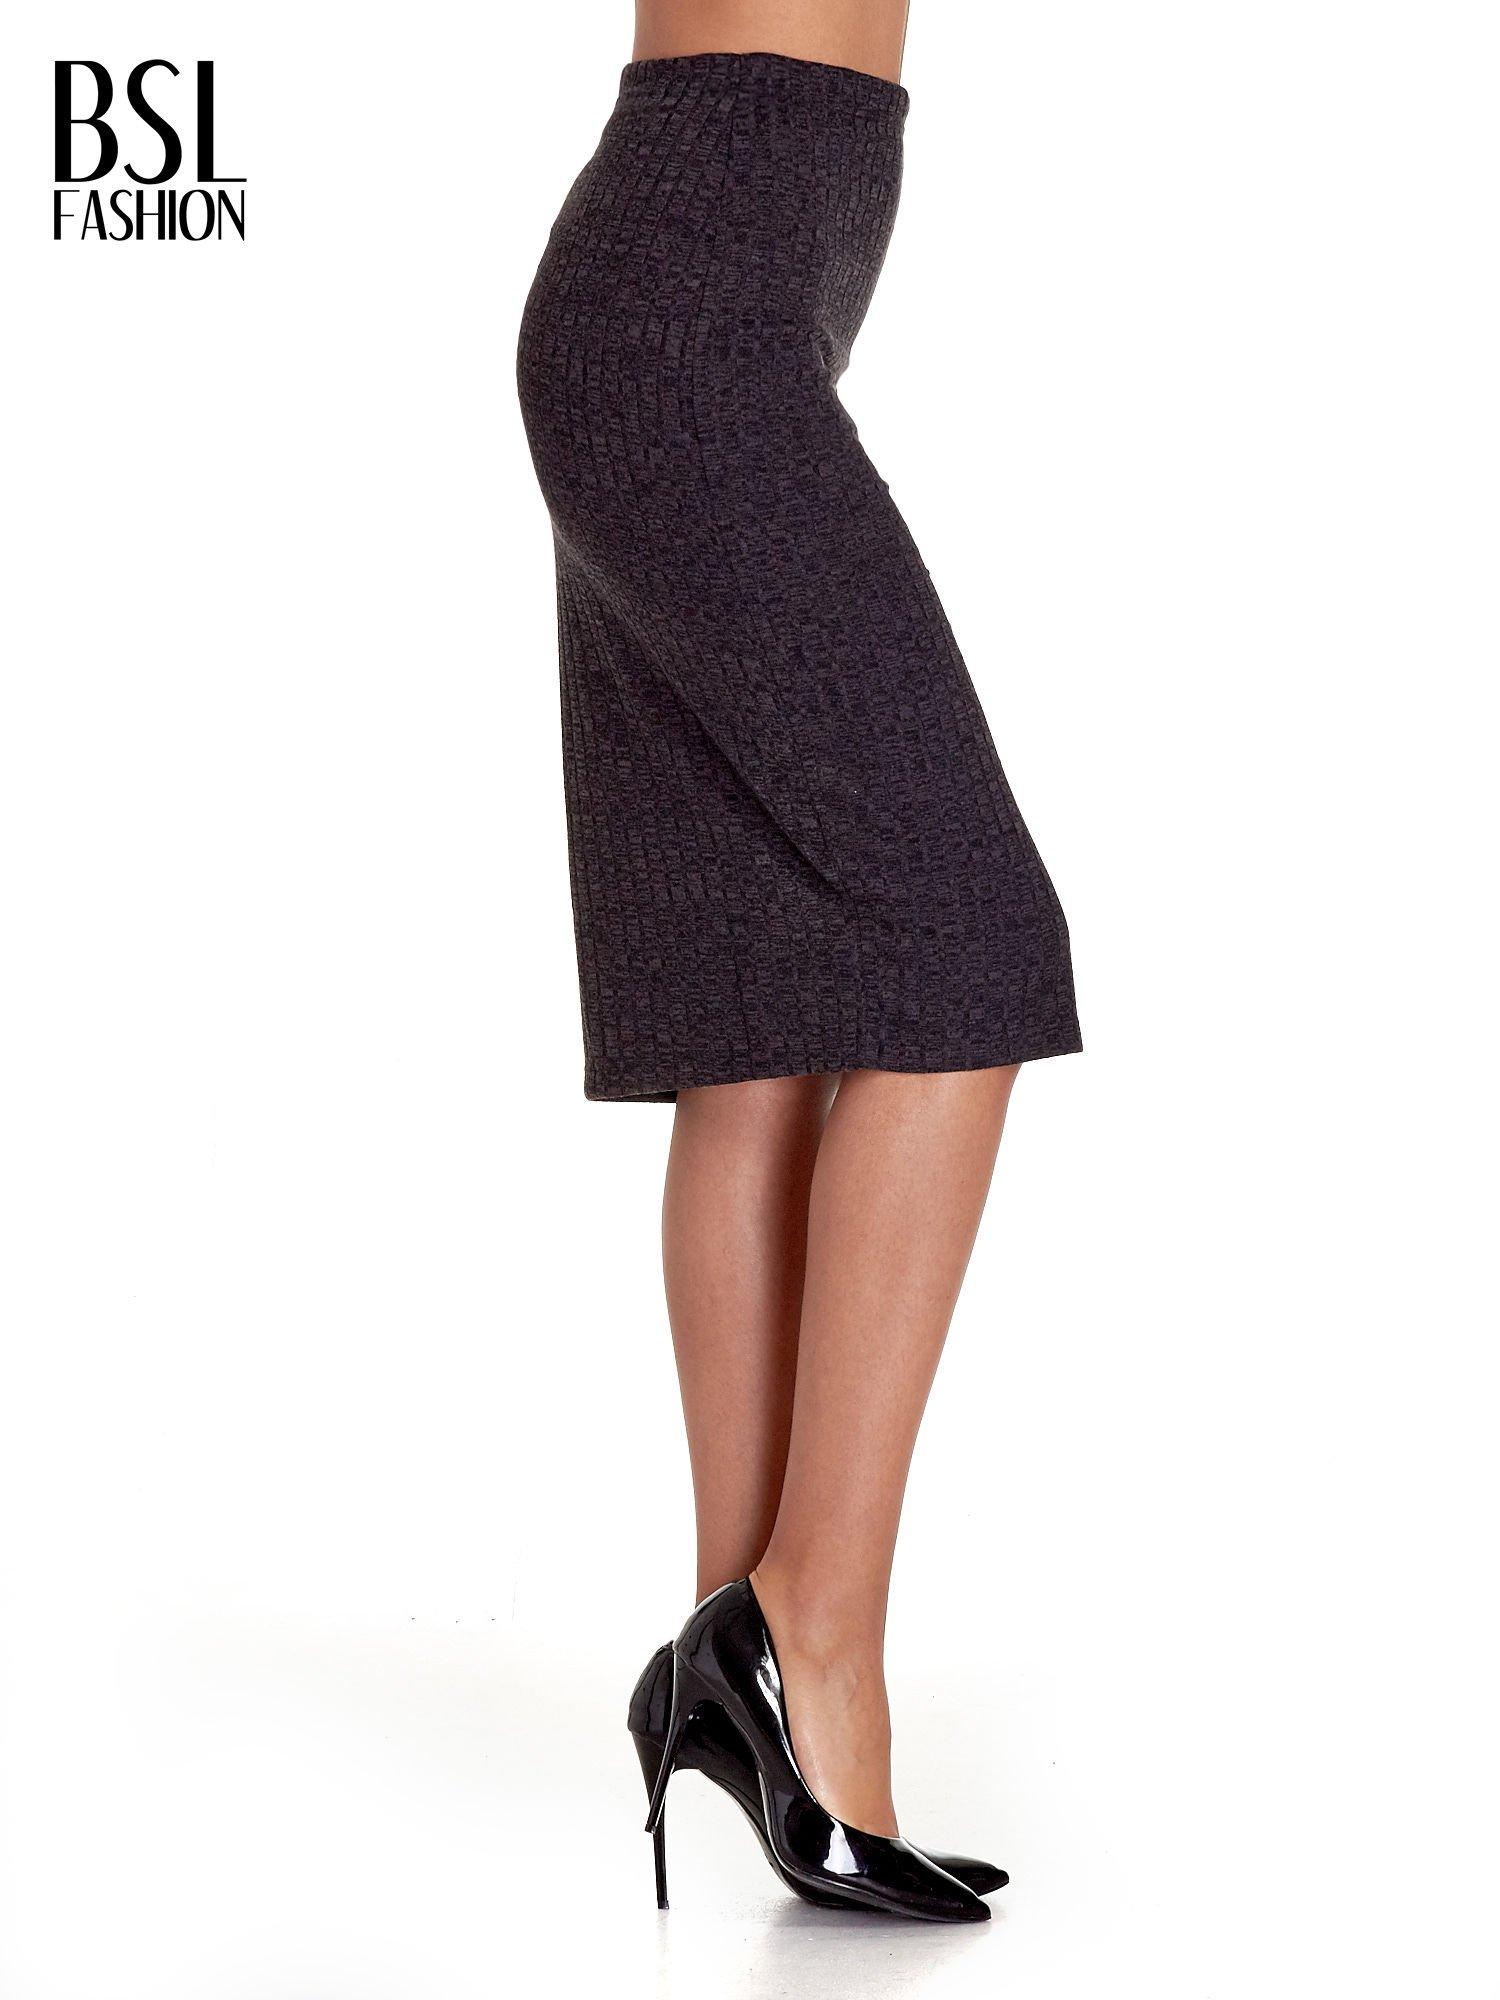 Czarna dzianinowa spódnica za kolano                                  zdj.                                  3